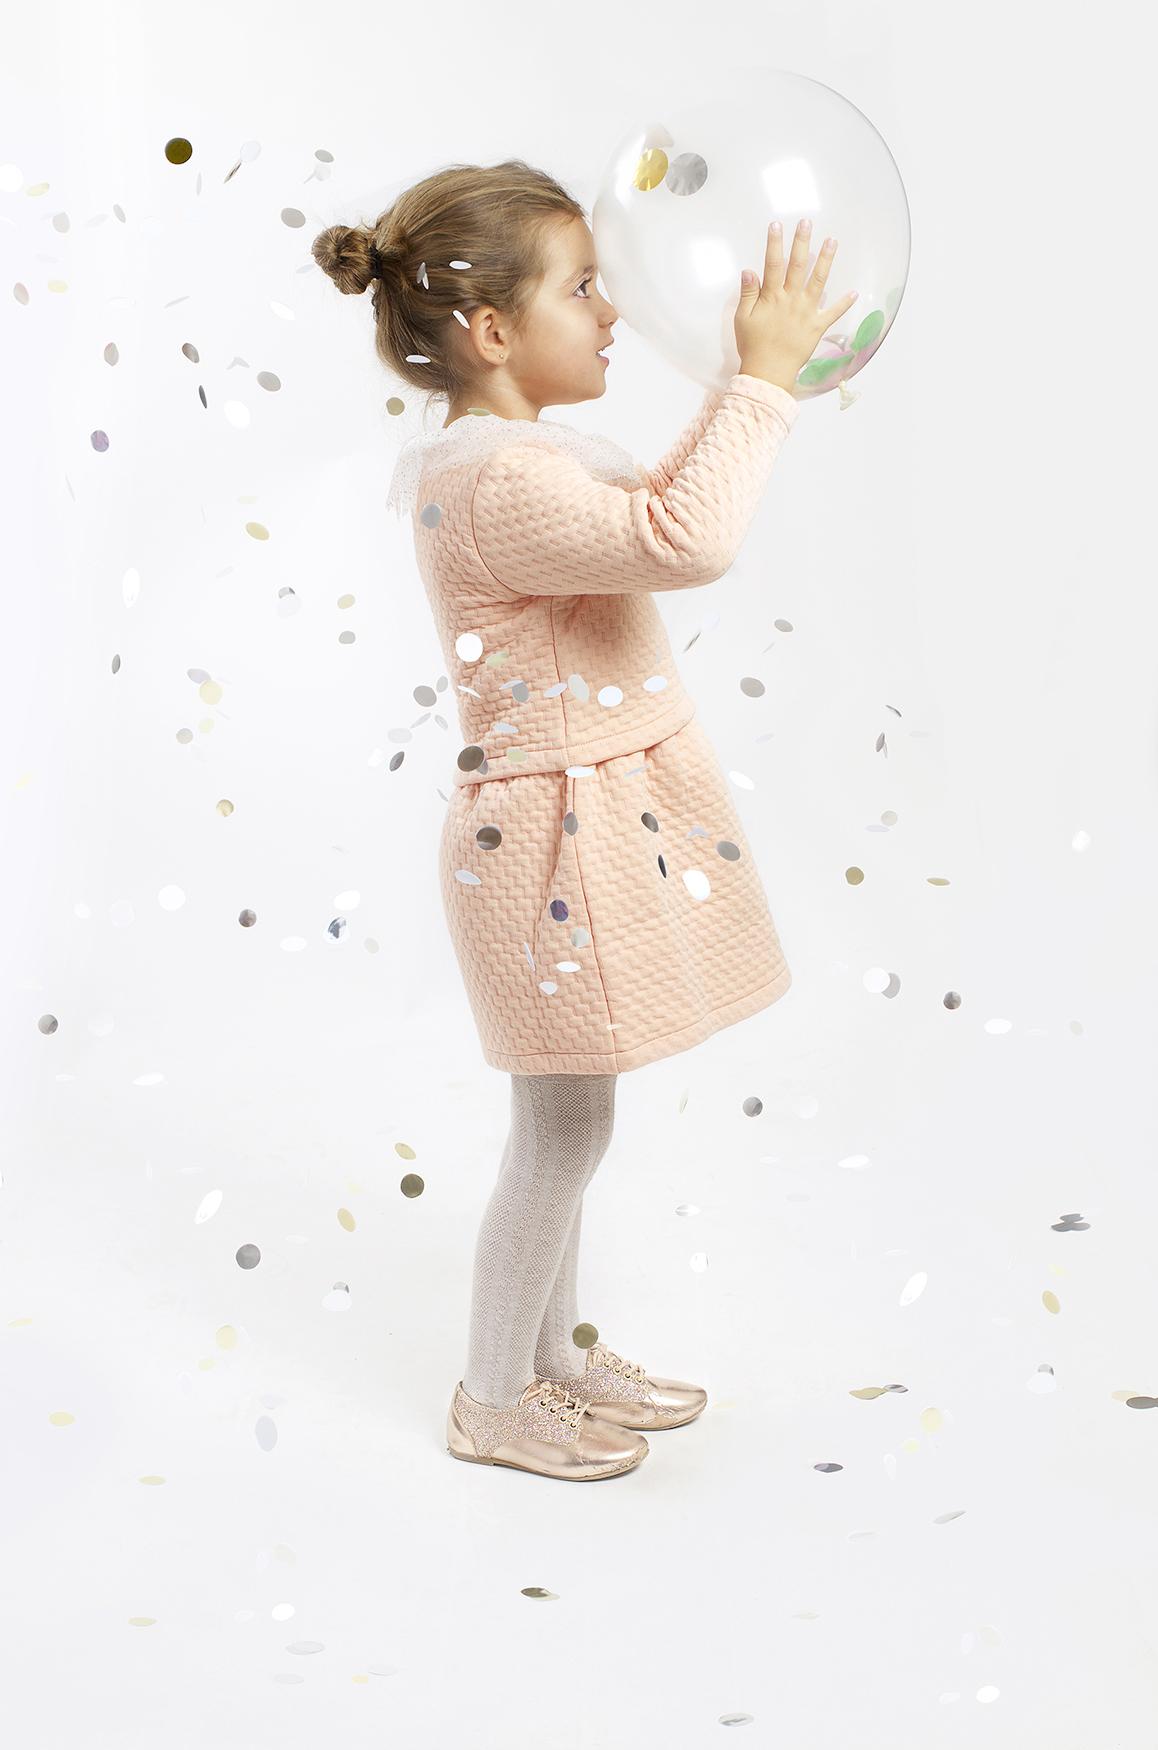 LittleCigogne confetti mode enfant photographe.jpg